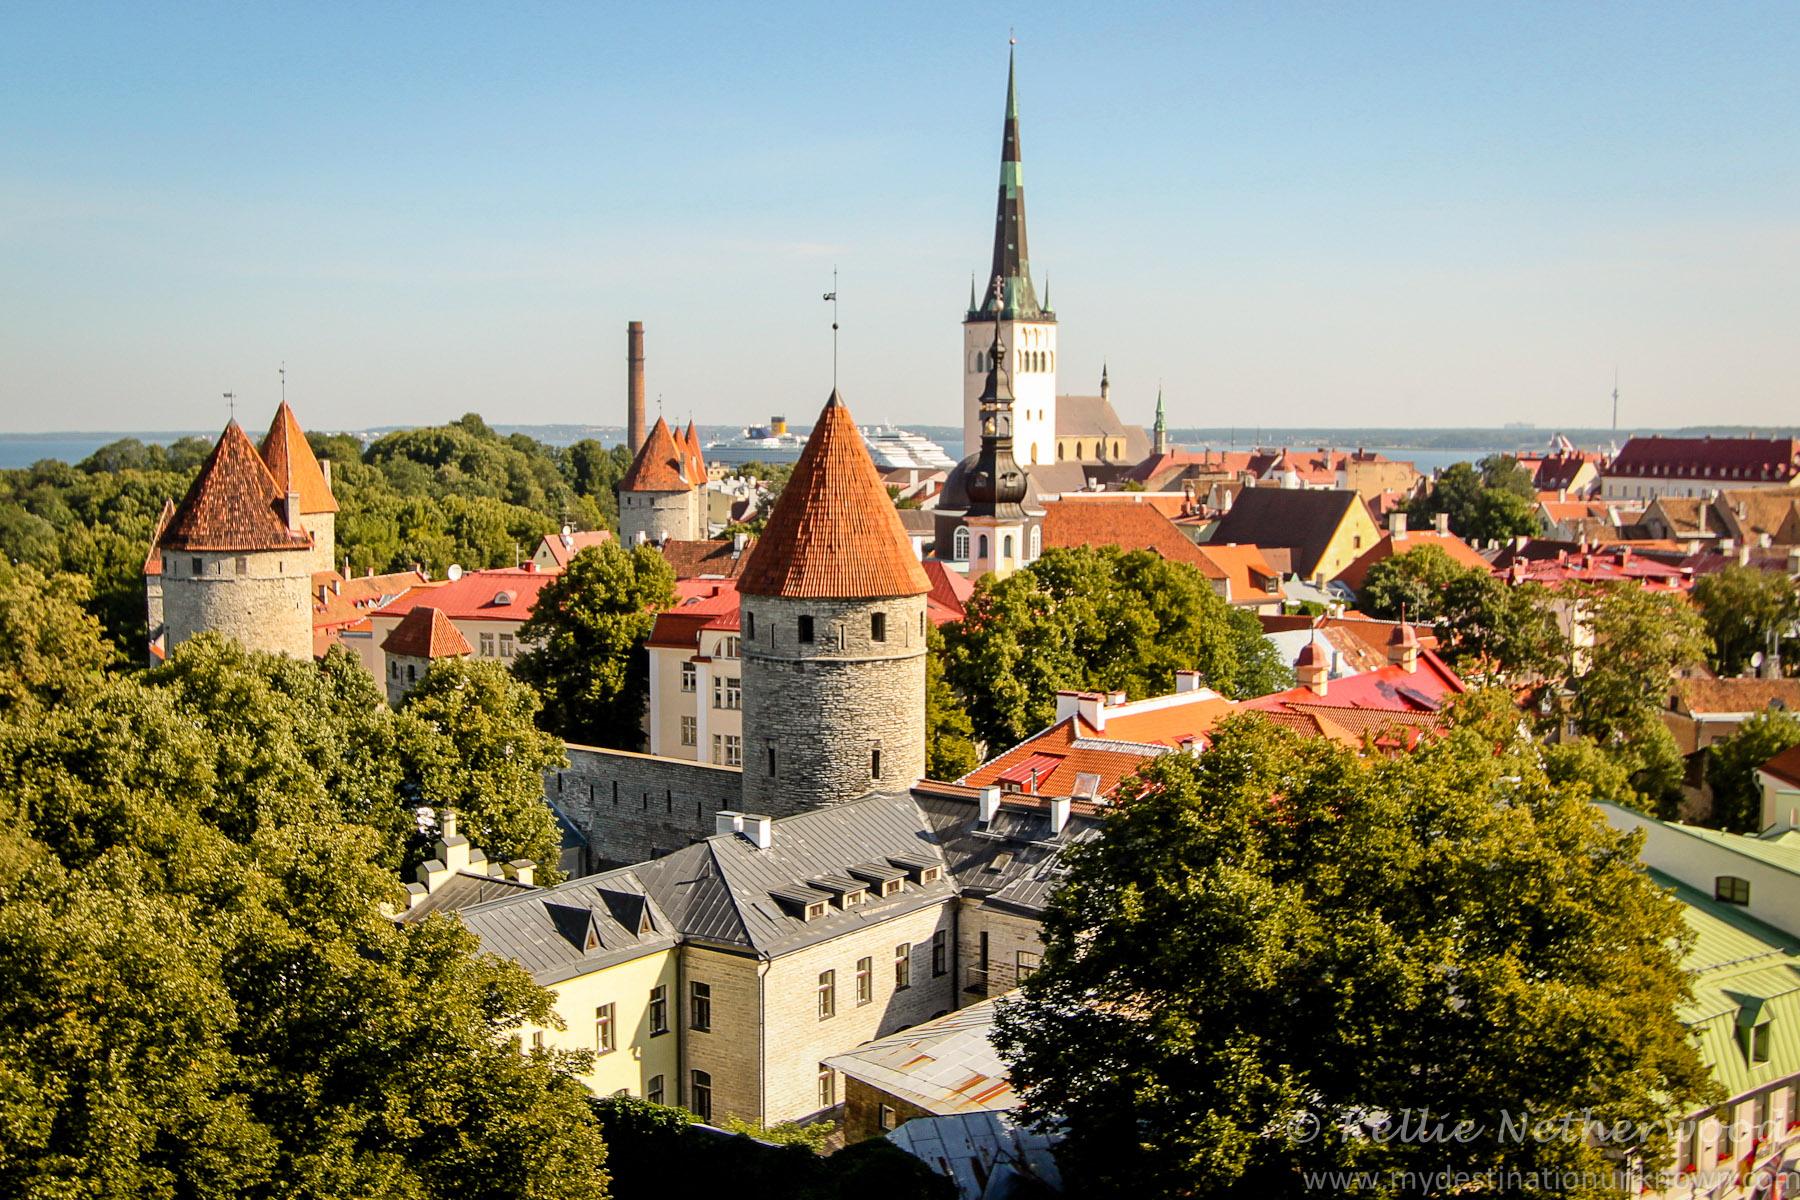 Електронна Естонія: як збудувати найсучаснішу цифрову державу